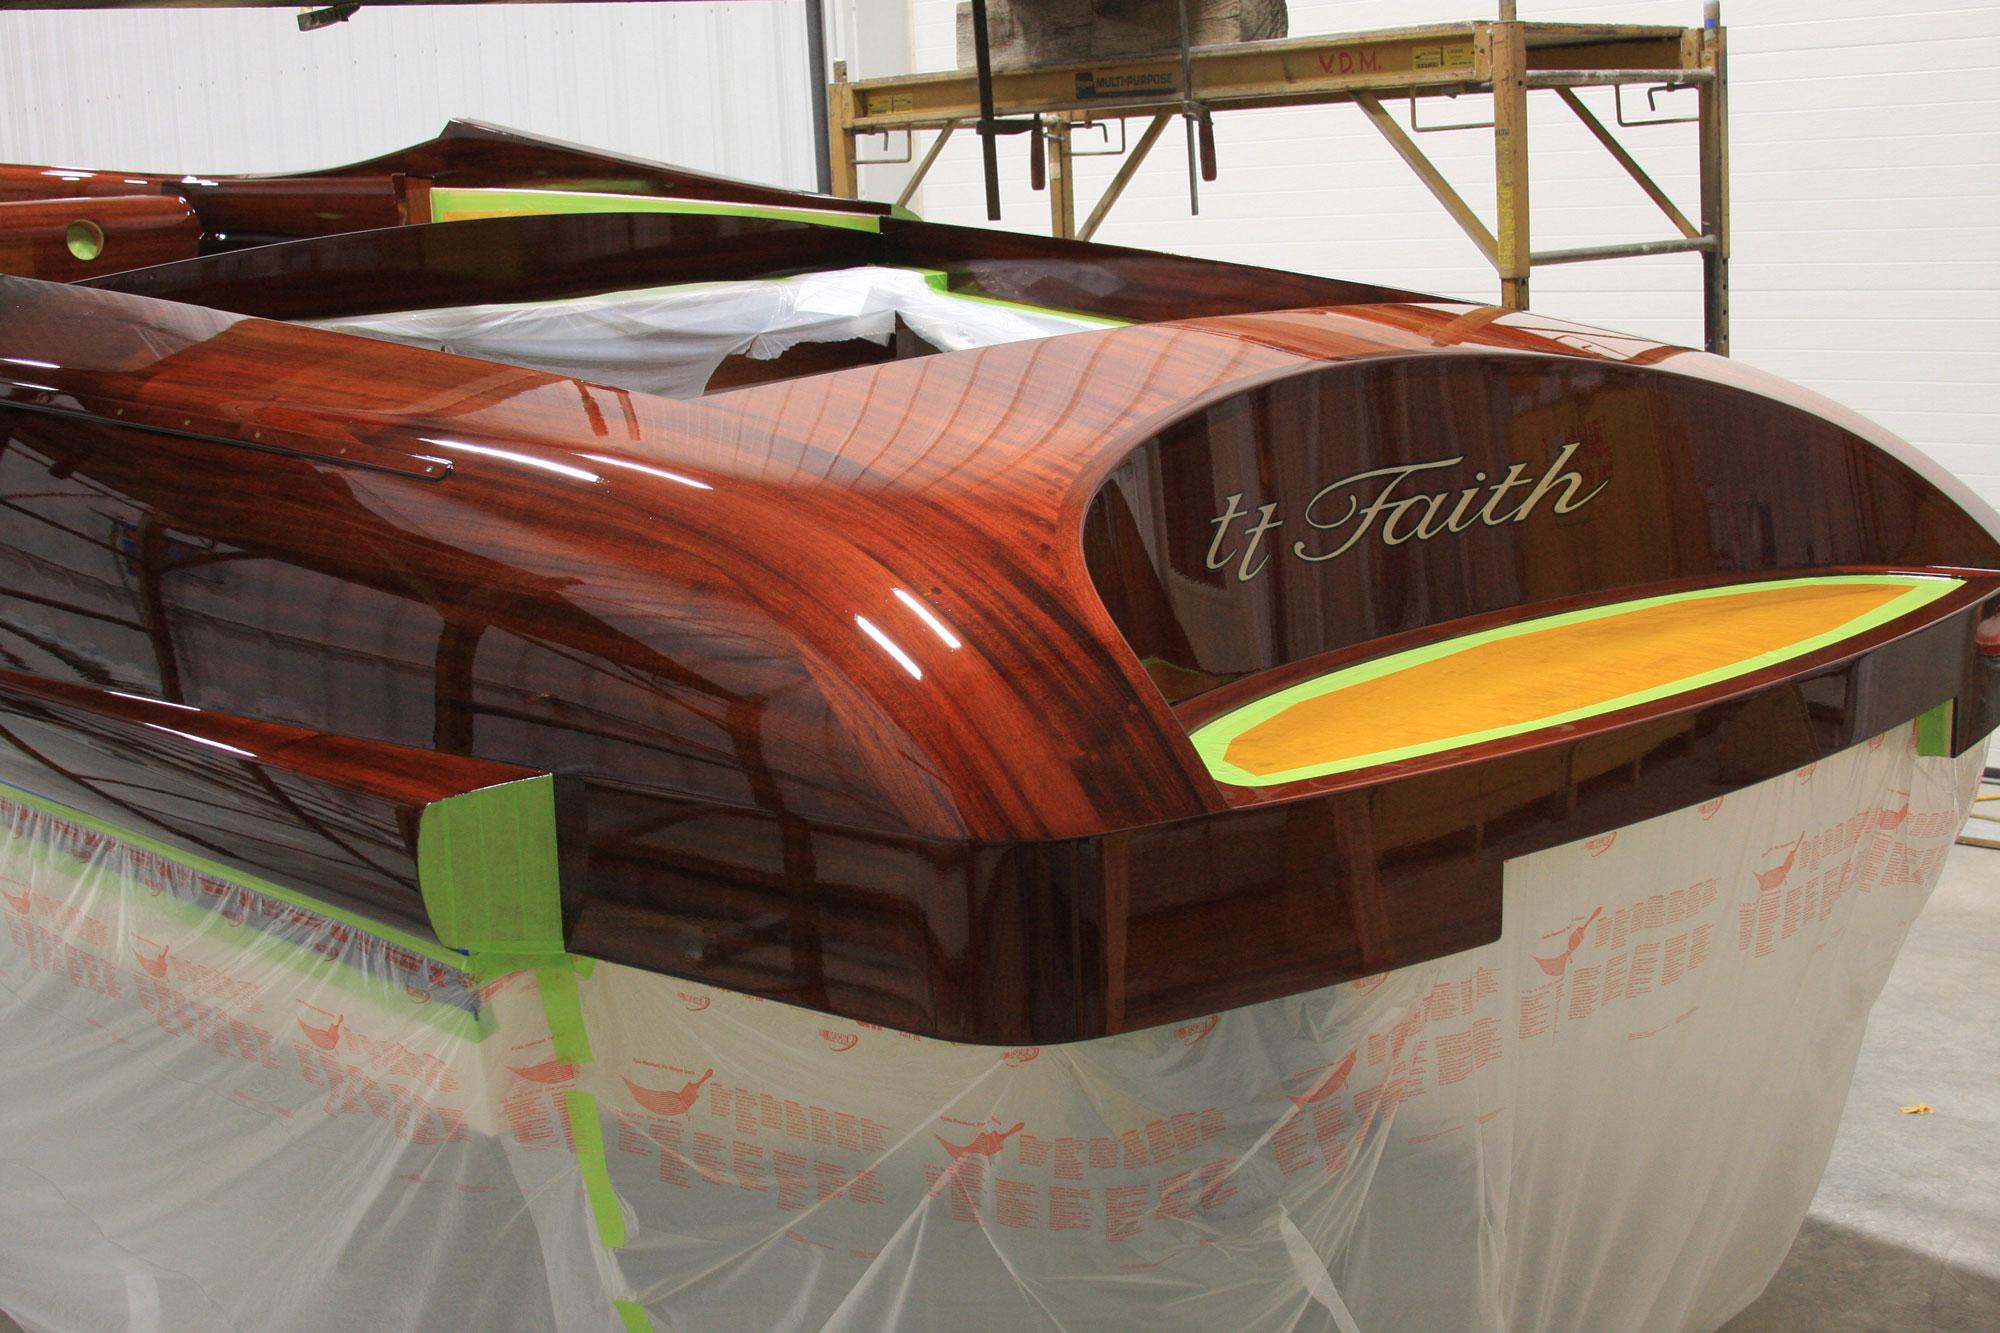 TT Faith in varnish bay for finishing